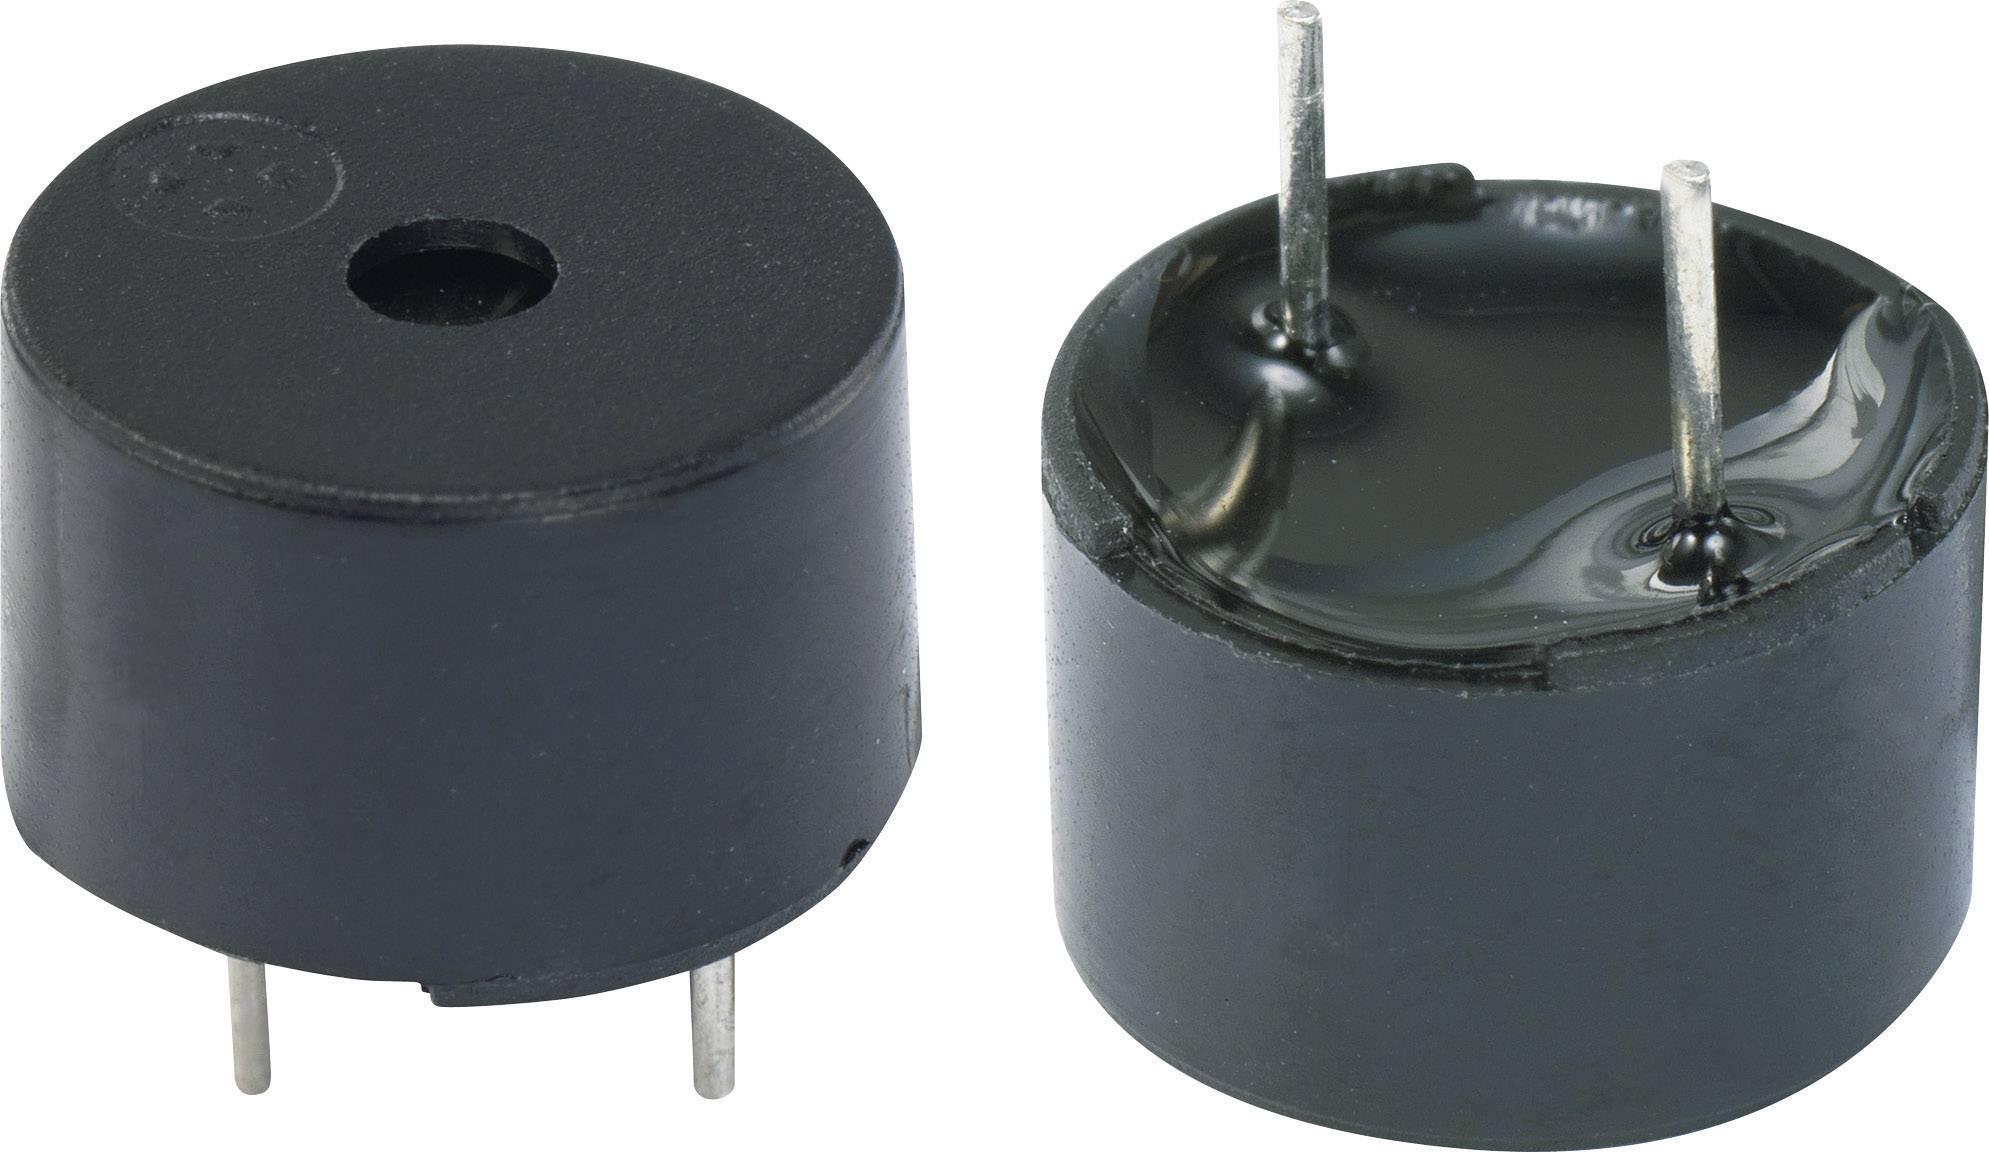 Magnetický akustický měnič bez elektroniky KEPO KPM-G1203B-K9215, černá